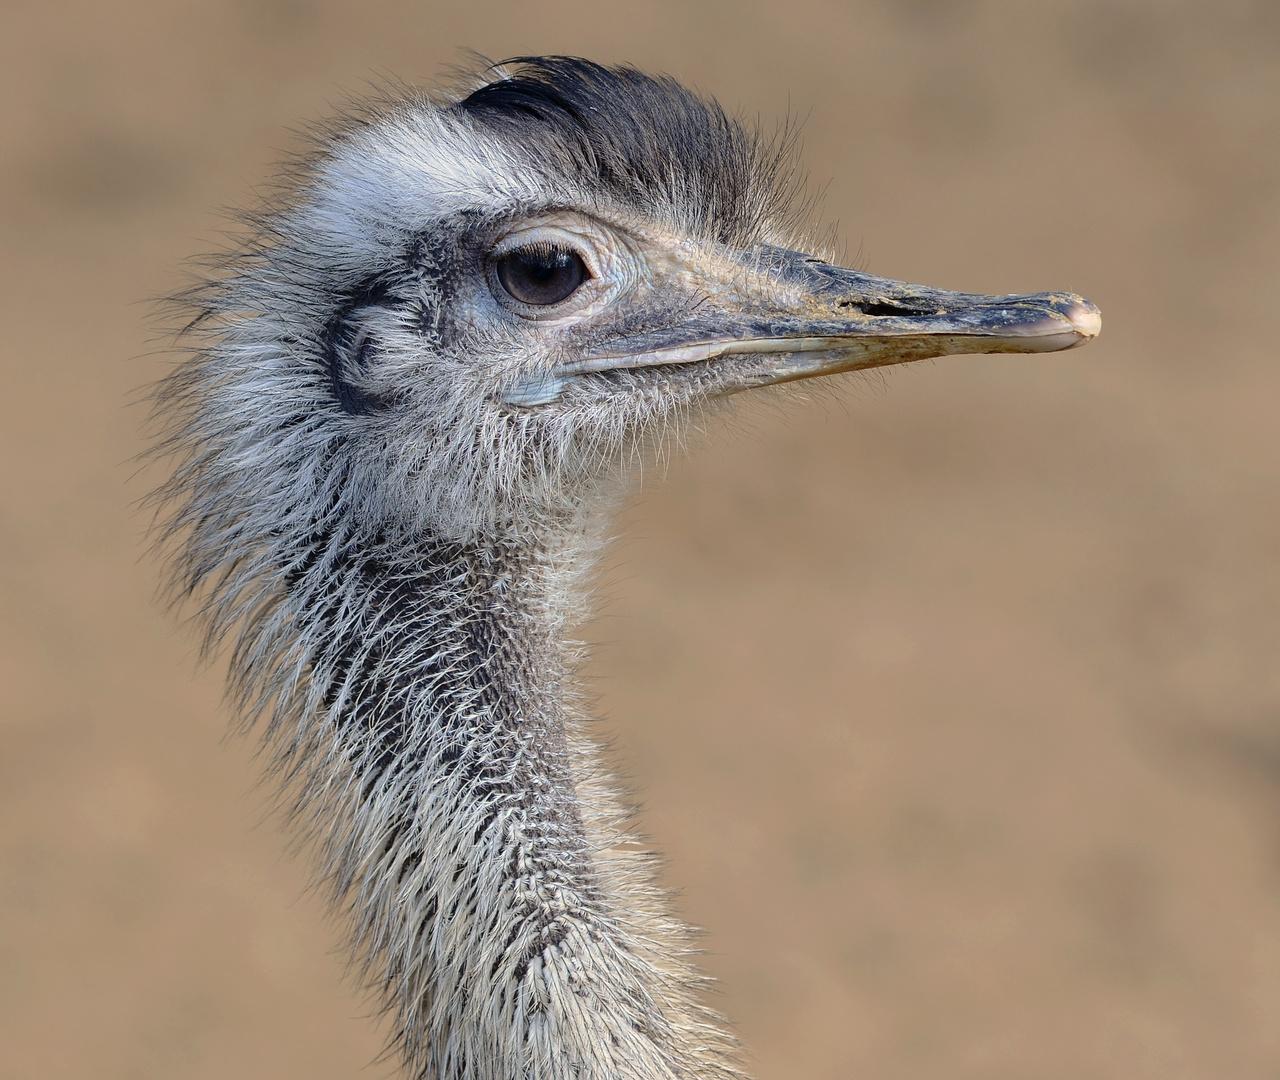 Kopf des Nandu (südarmerikanischer Laufvogel)